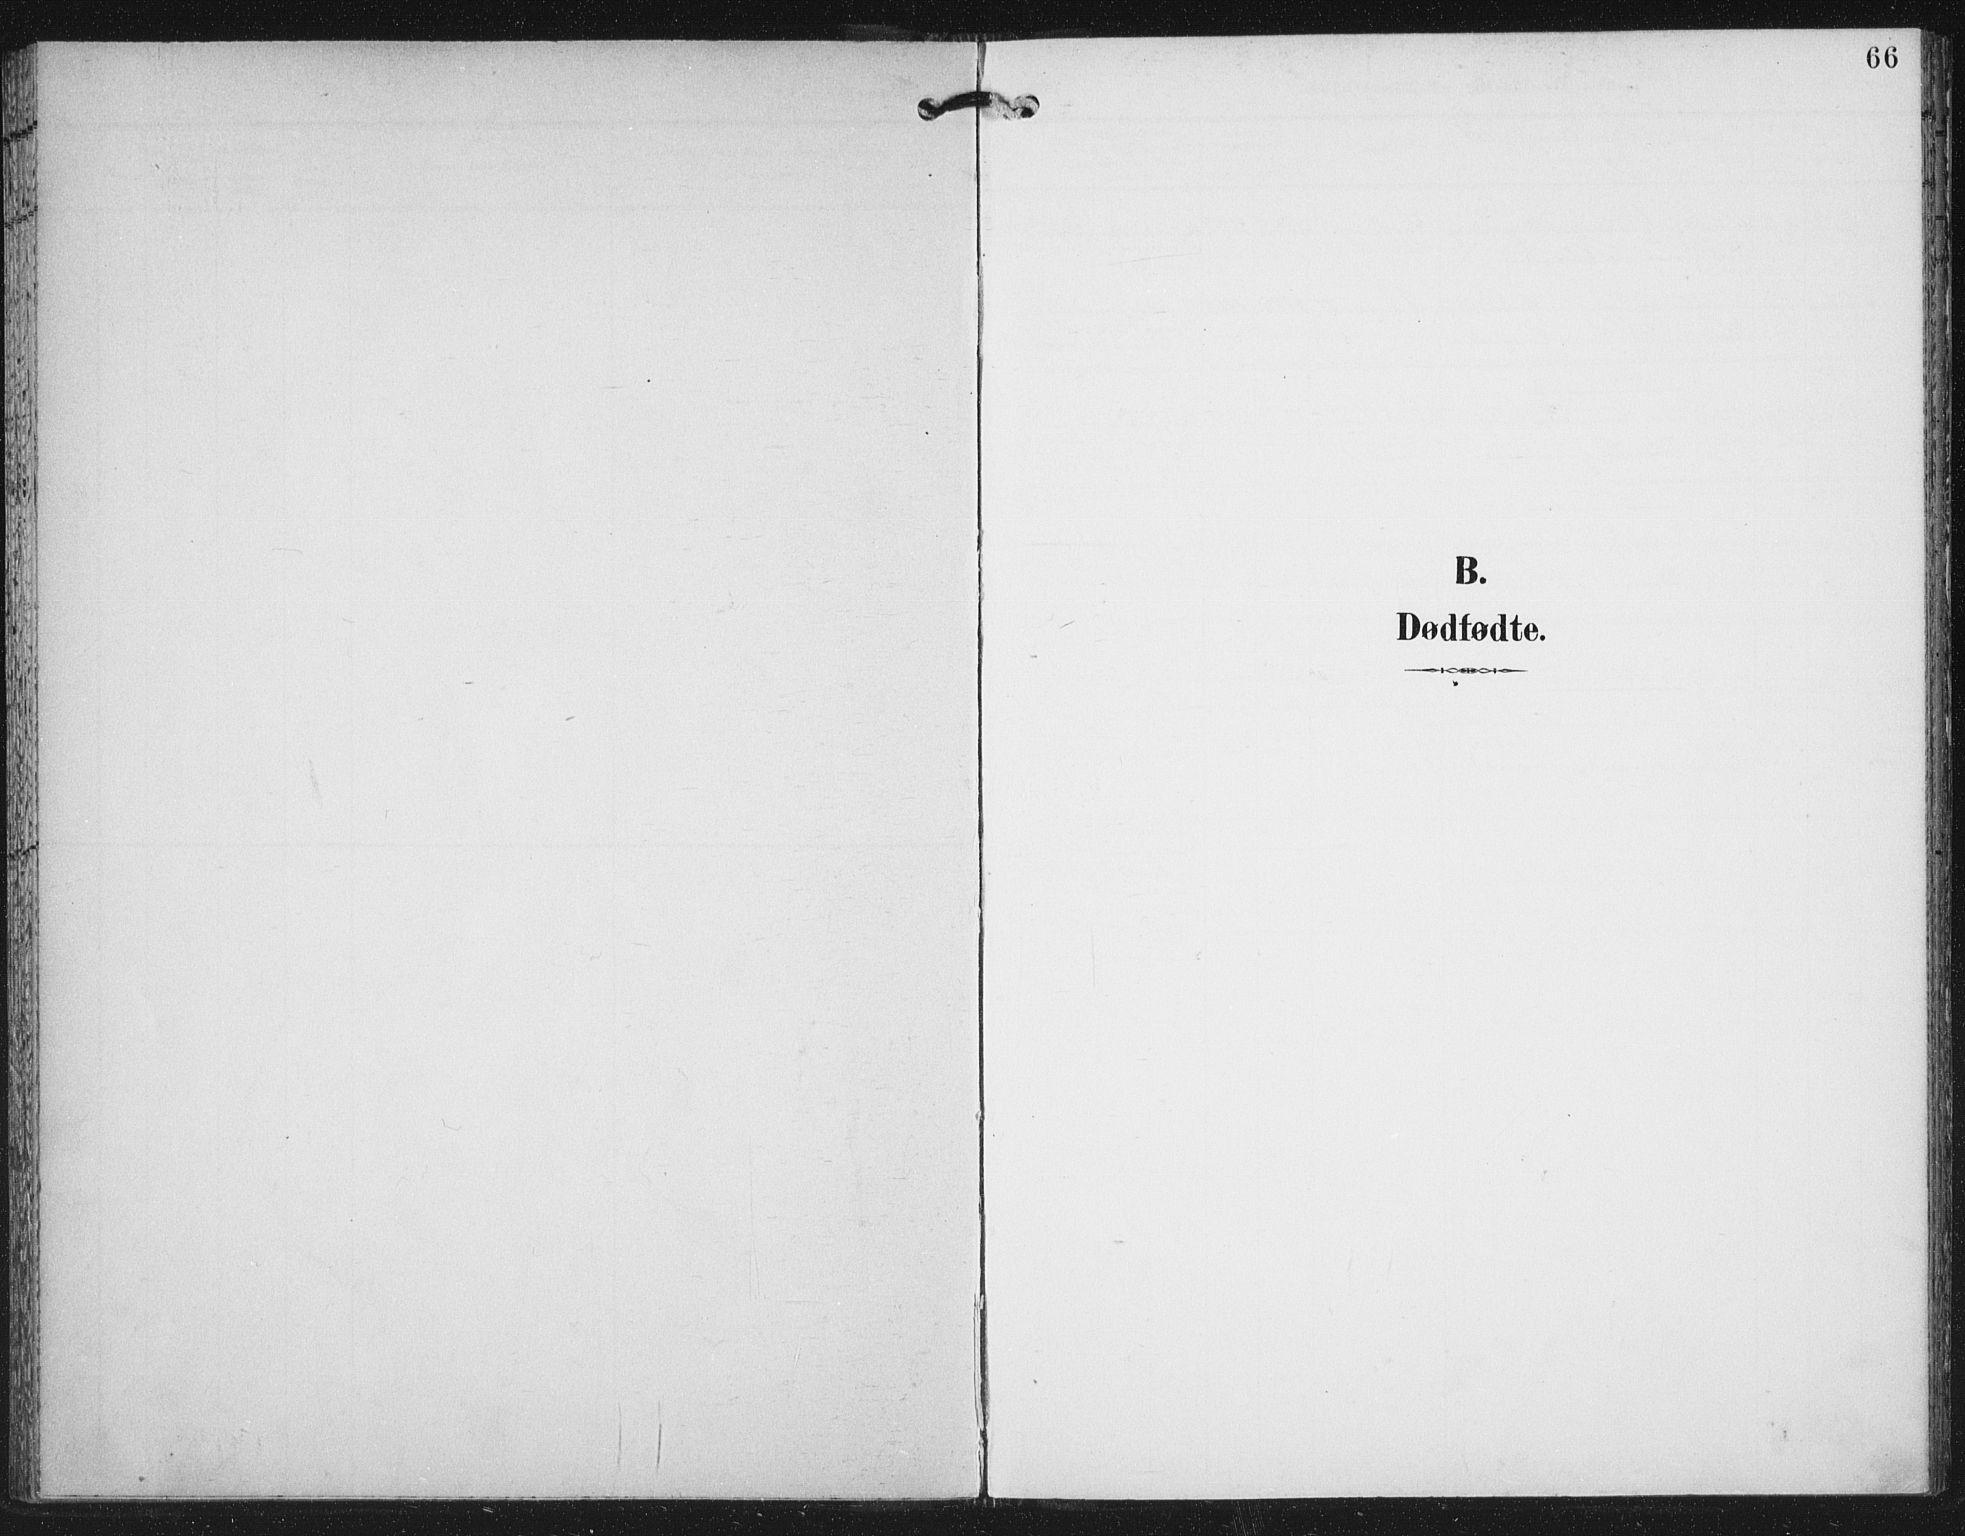 SAT, Ministerialprotokoller, klokkerbøker og fødselsregistre - Nord-Trøndelag, 702/L0024: Ministerialbok nr. 702A02, 1898-1914, s. 66